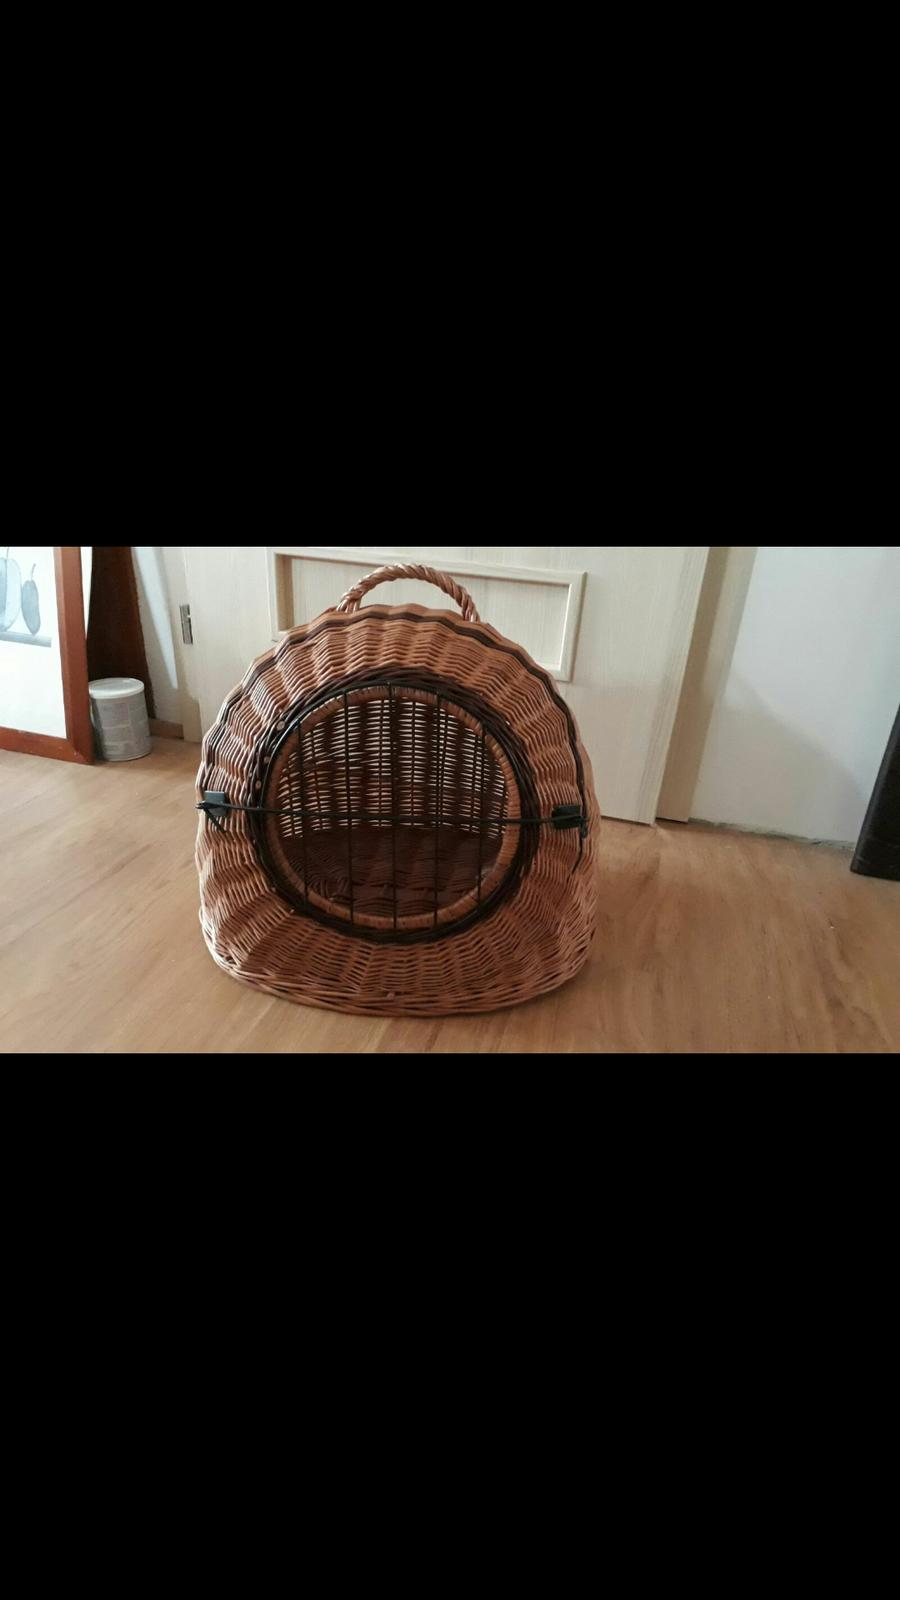 Košík na holubice - Obrázok č. 1